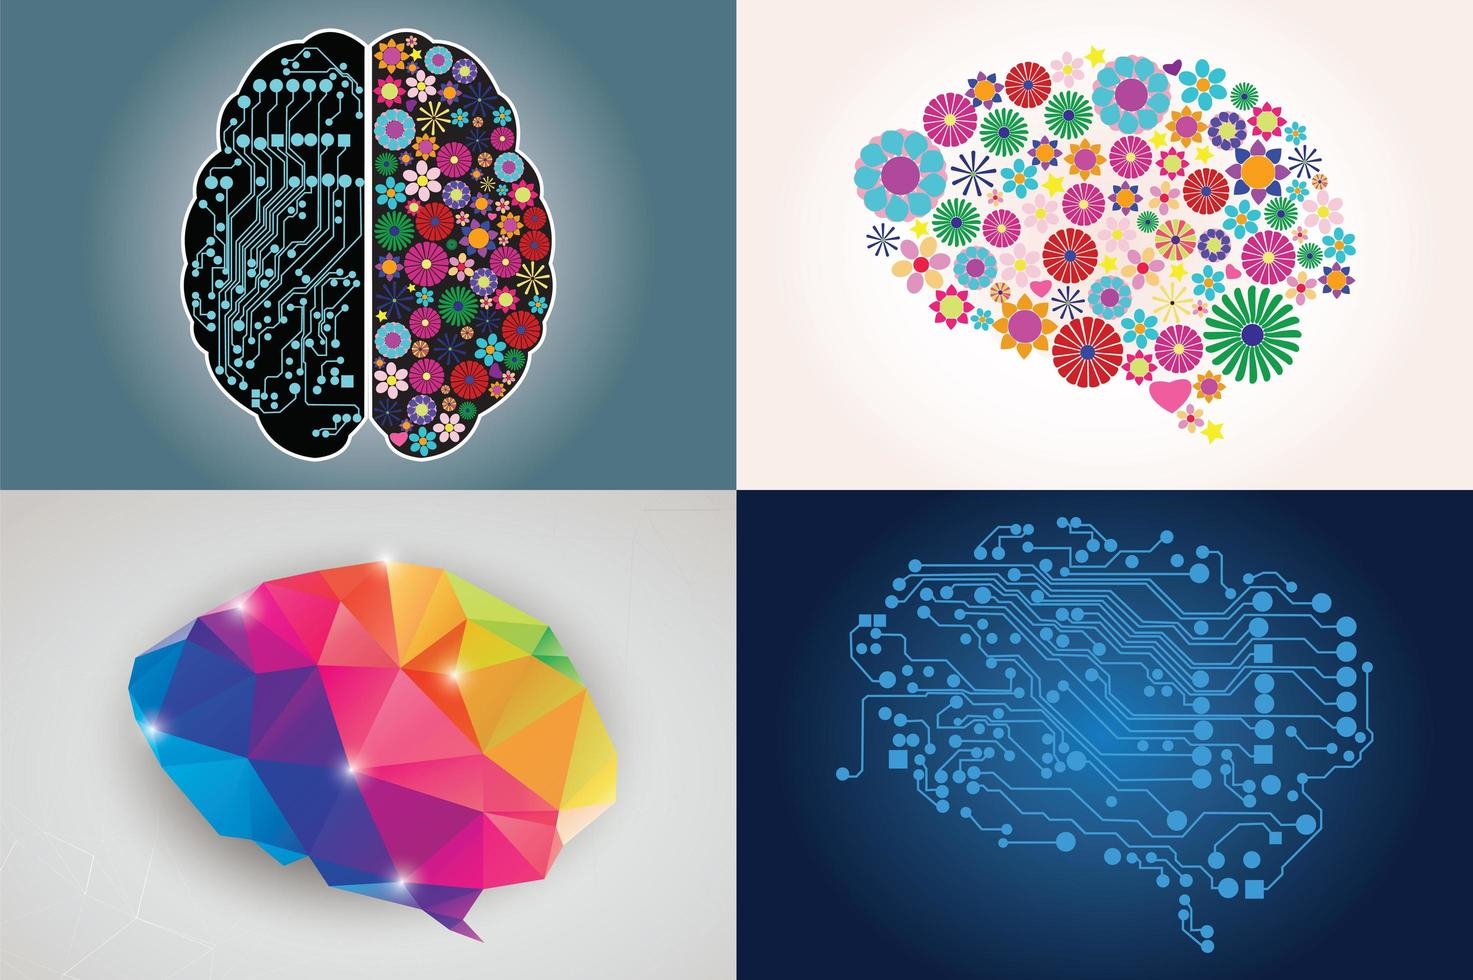 collections de quatre cerveaux humains différents, côté gauche et droit, créativité et logique vecteur